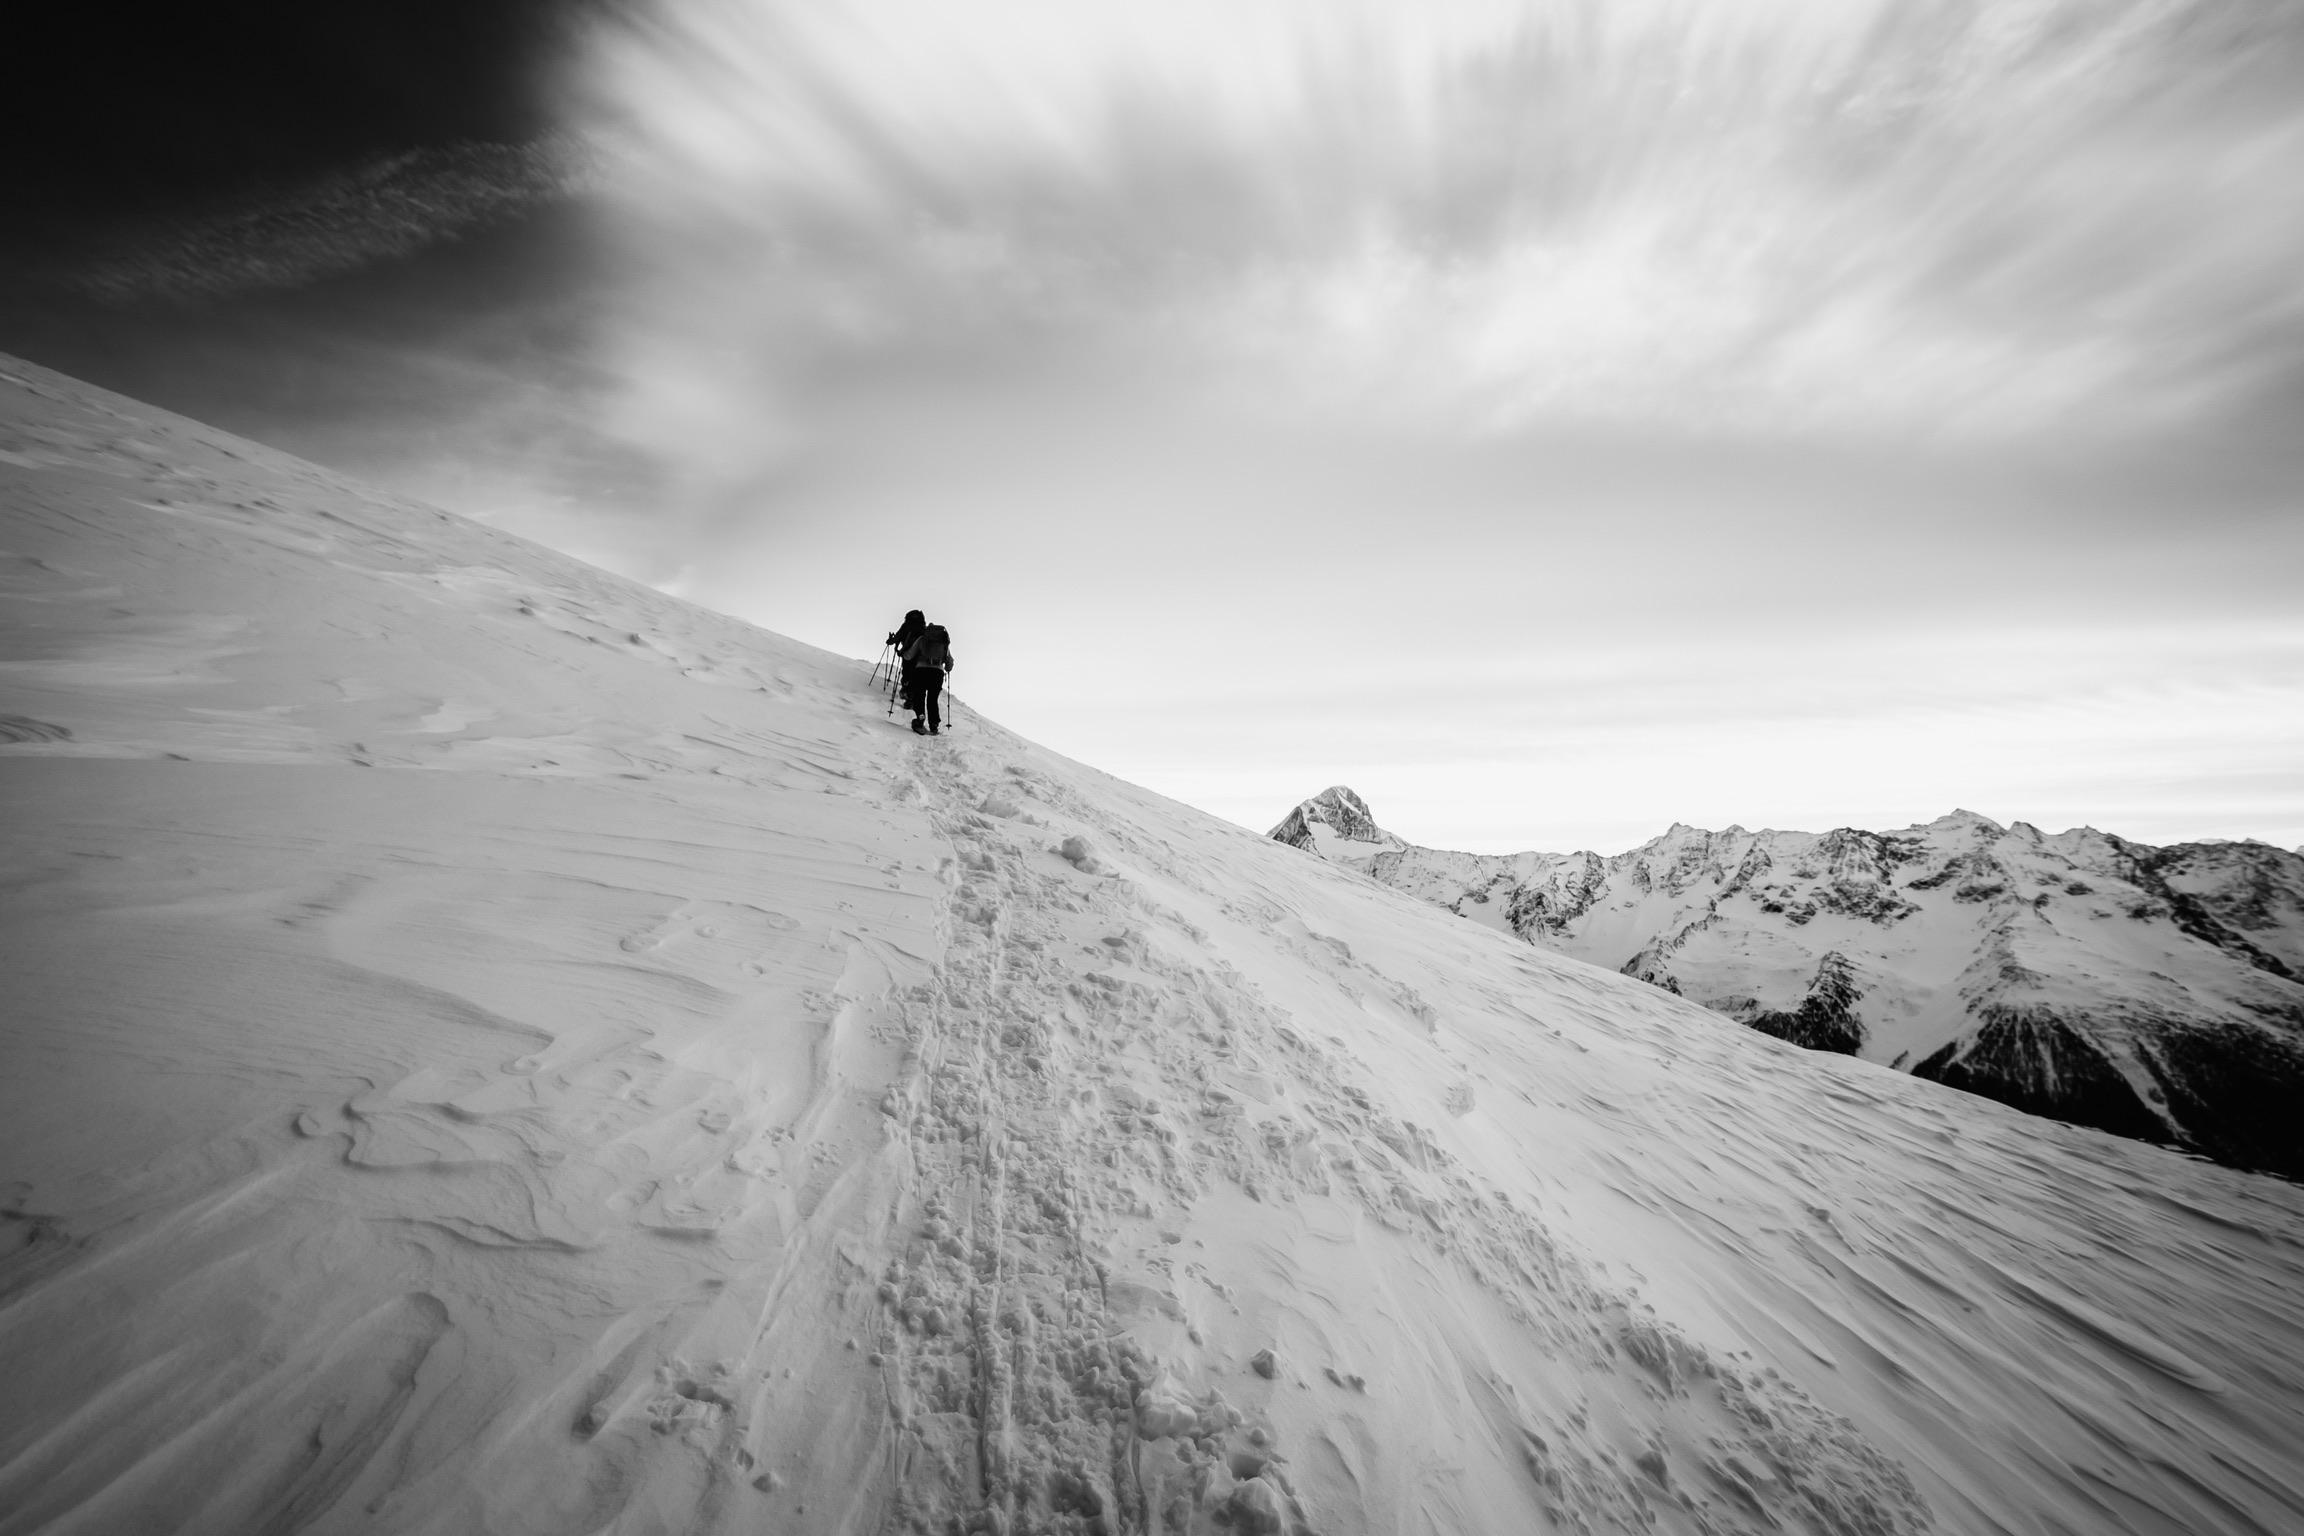 20_Schneeschuhweekend_Derek_6